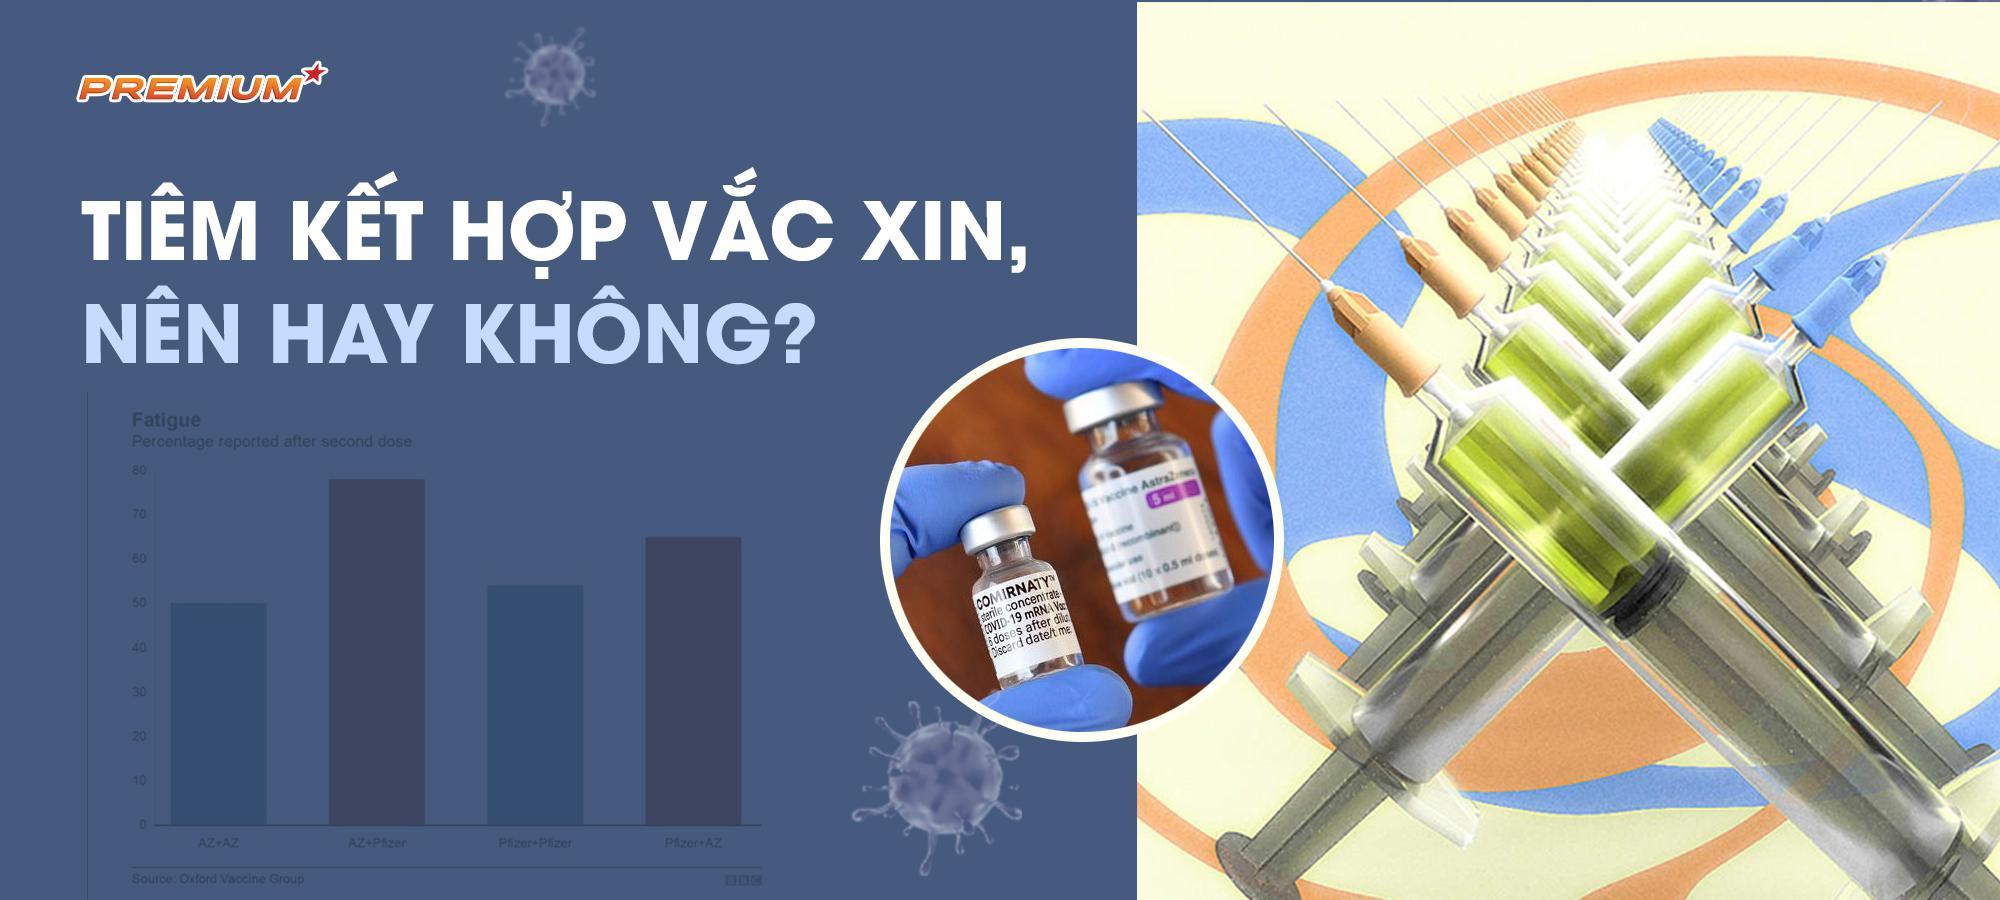 Tiêm kết hợp vắc xin, nên hay không?